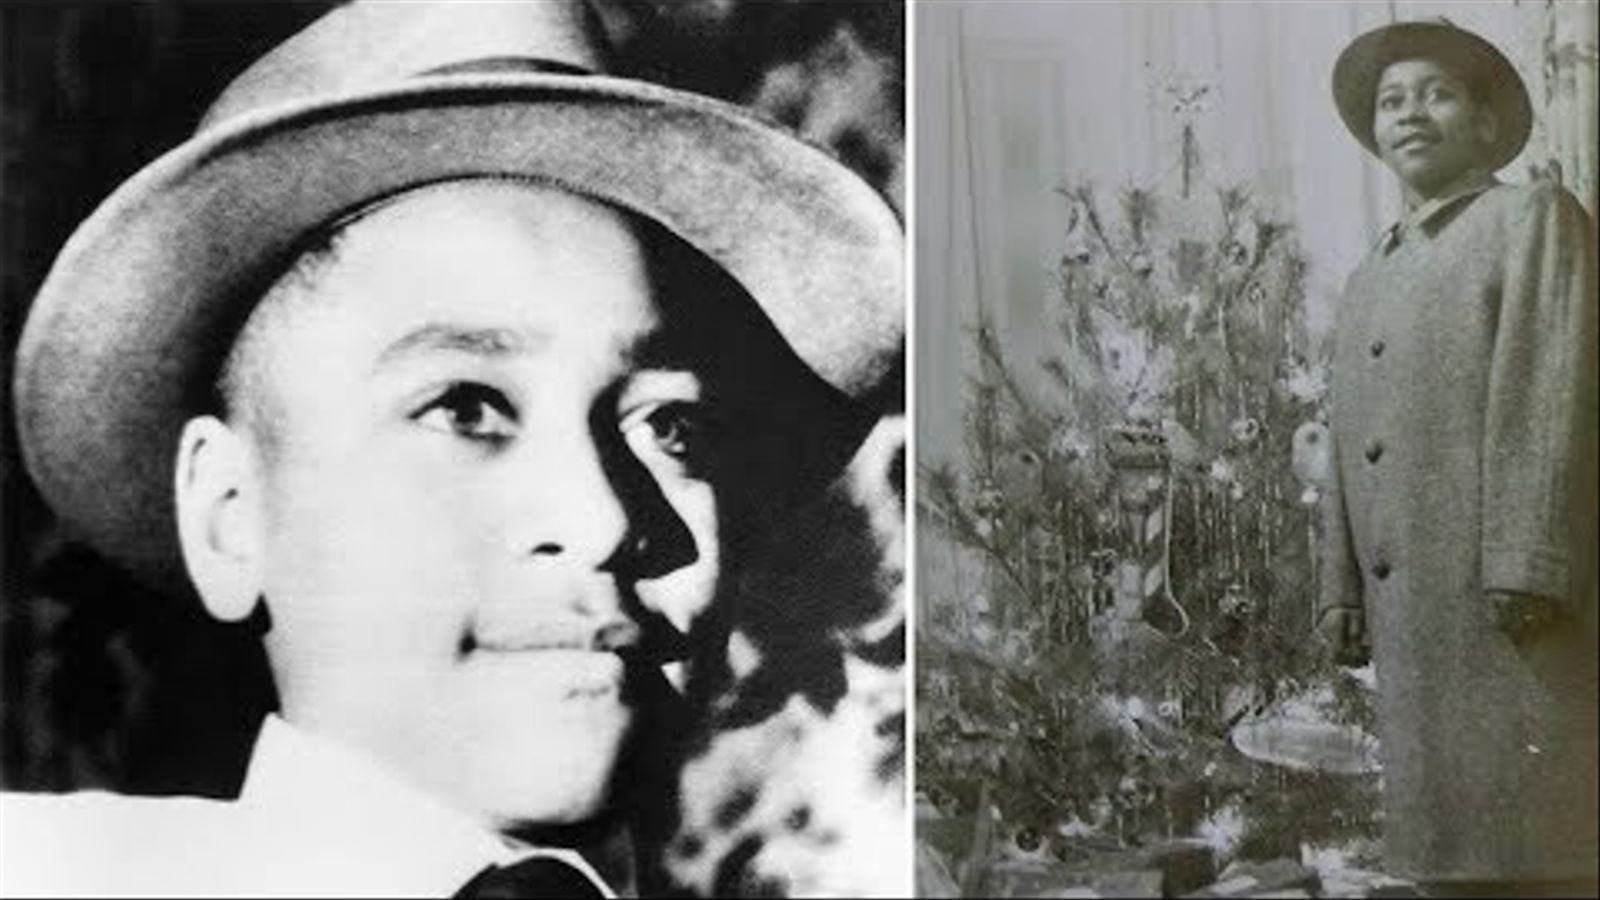 Reobren la investigació de la mort de l'adolescent negre Emmett Till